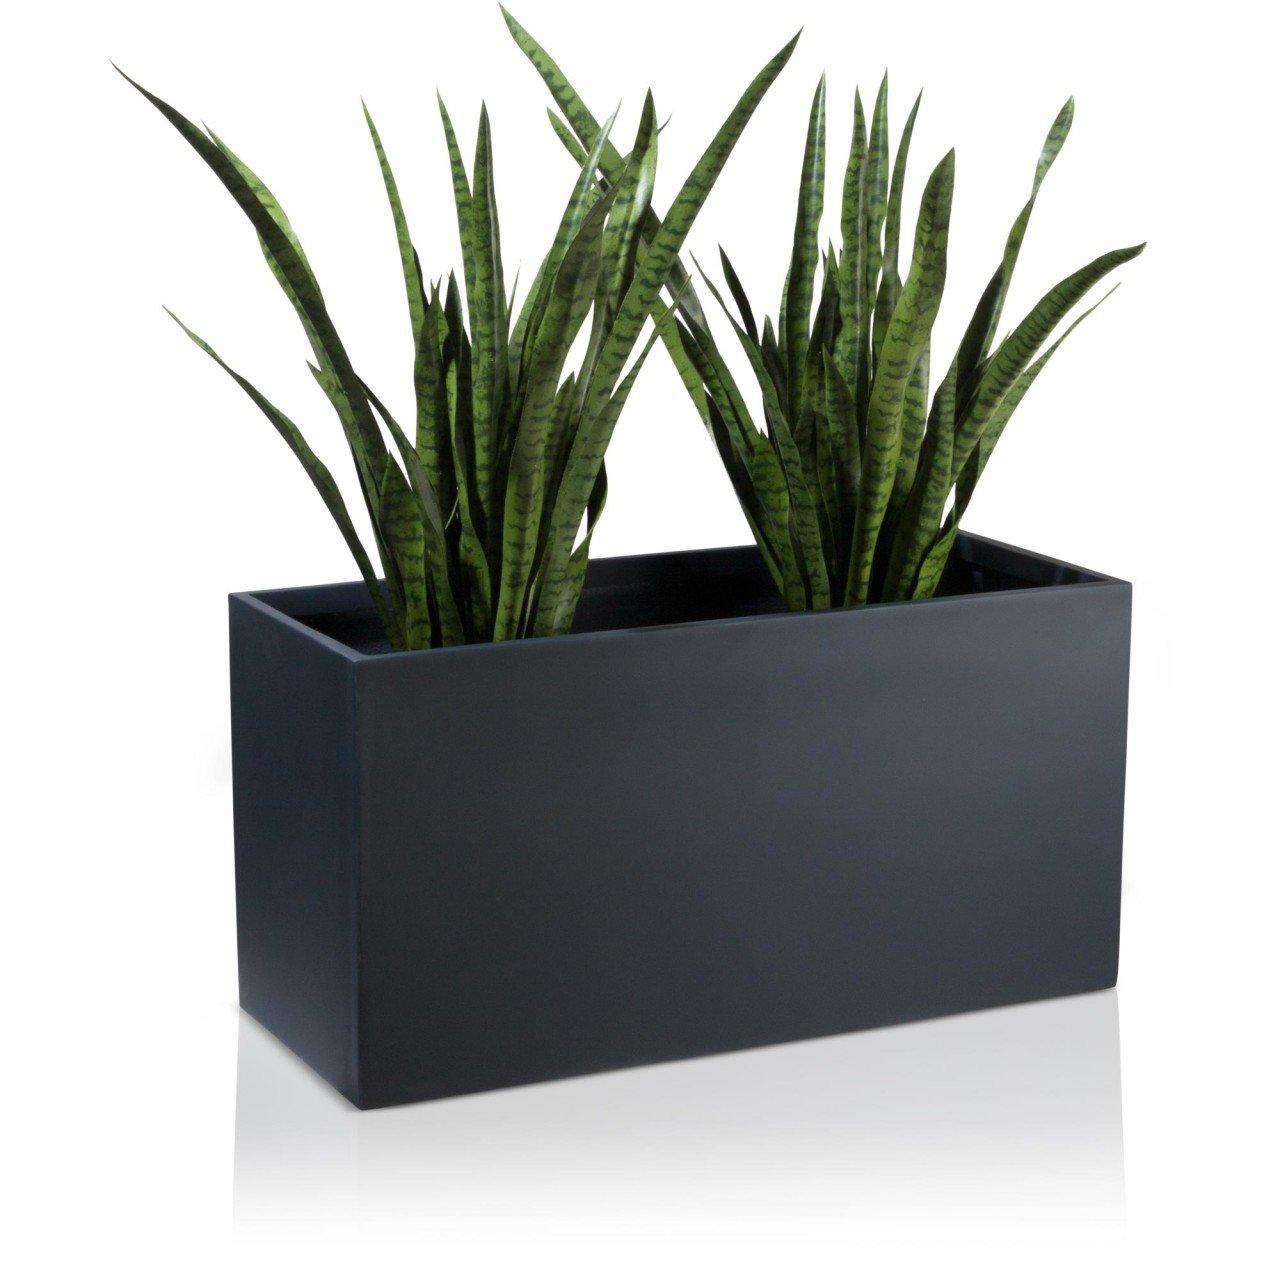 pflanztrog blumentrog visio fiberglas blumenk bel farbe anthrazit matt gro er wetter und. Black Bedroom Furniture Sets. Home Design Ideas